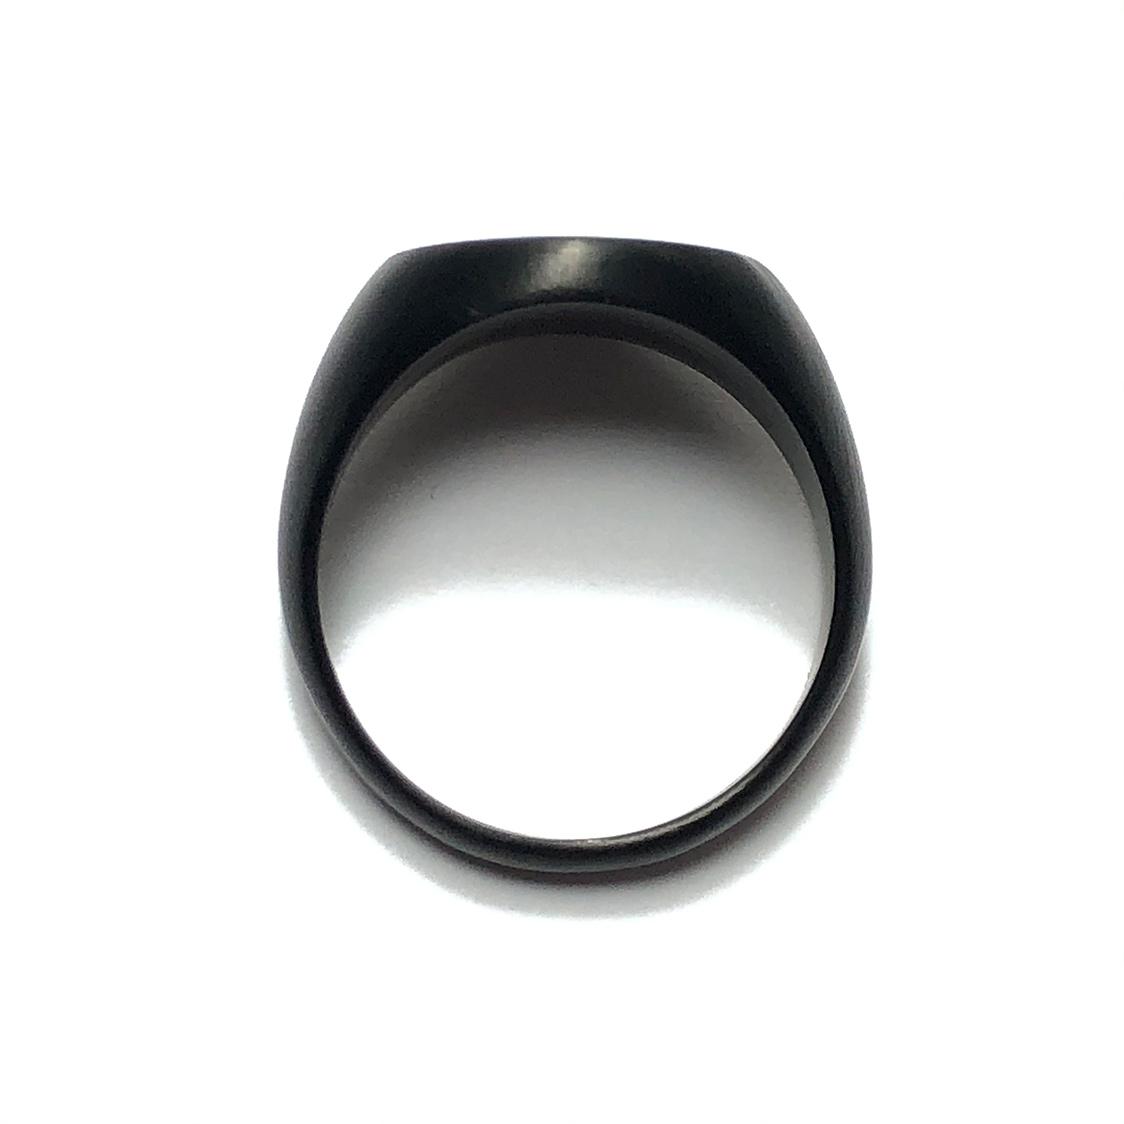 新品 MARCELO BURLON マルセロバーロン マルセロブロン 【23号】リング 指輪 ブラック ステンレス s.steel